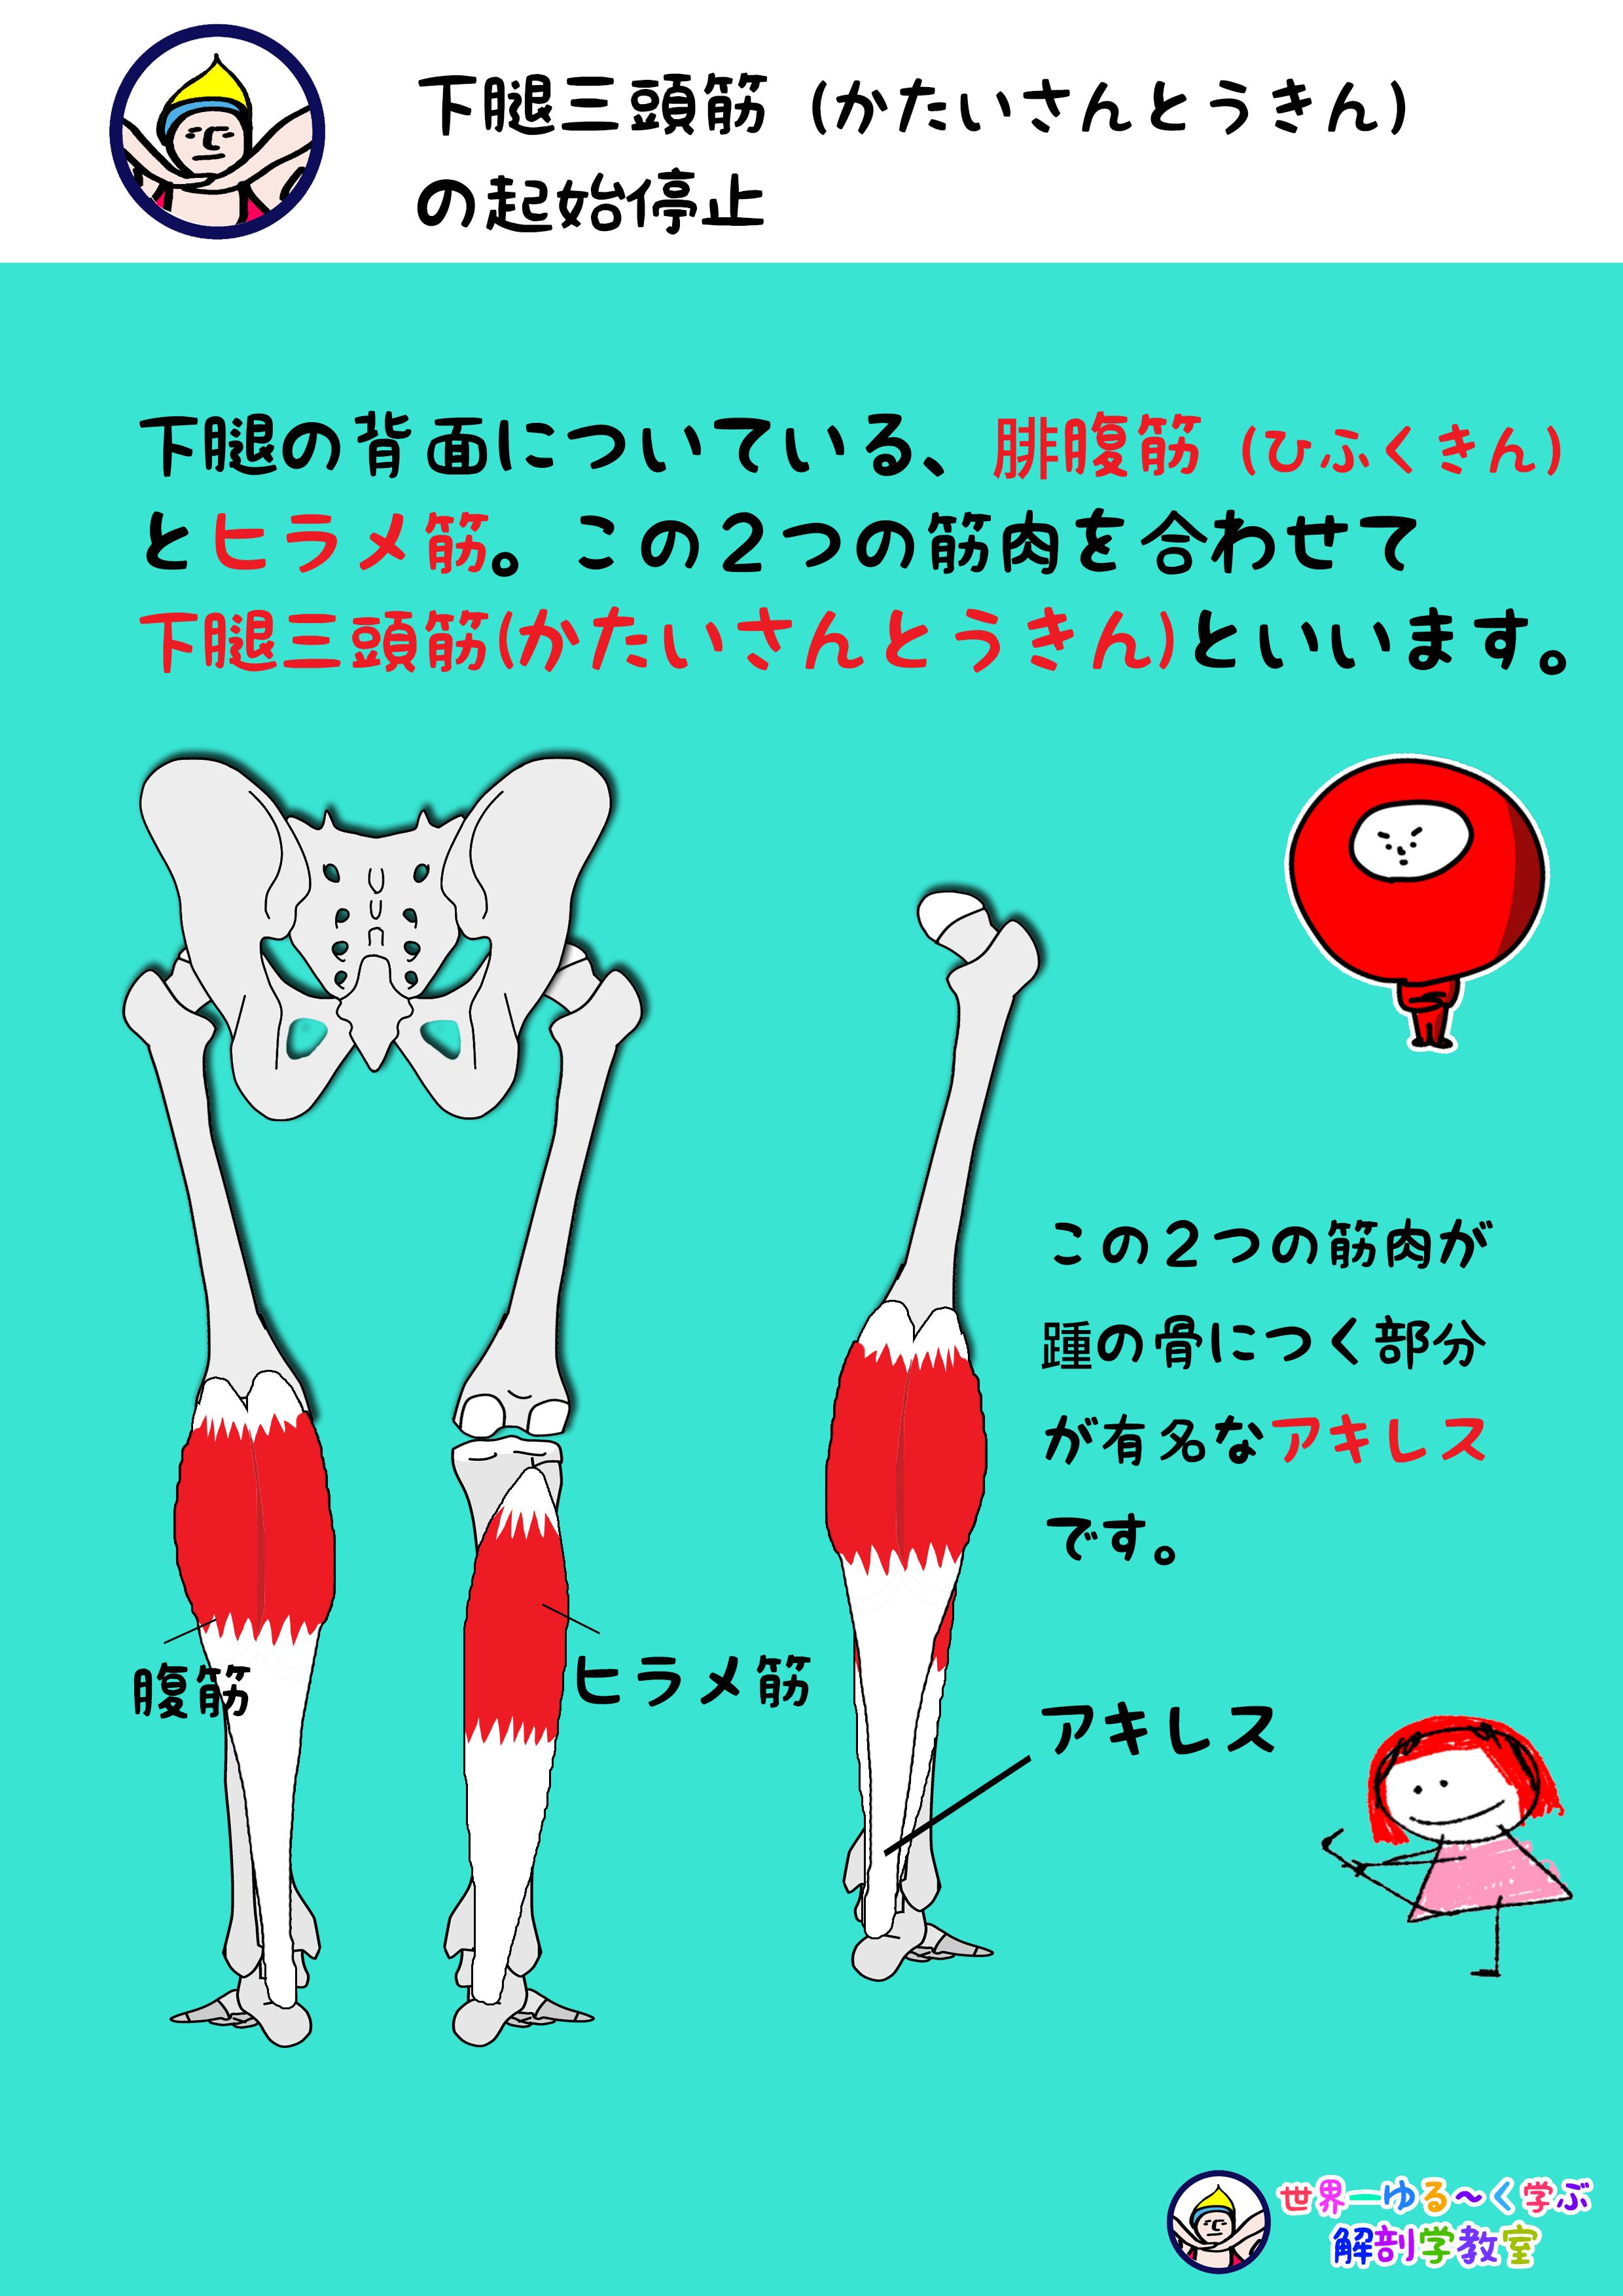 下腿三頭筋 腓腹筋とアキレス腱